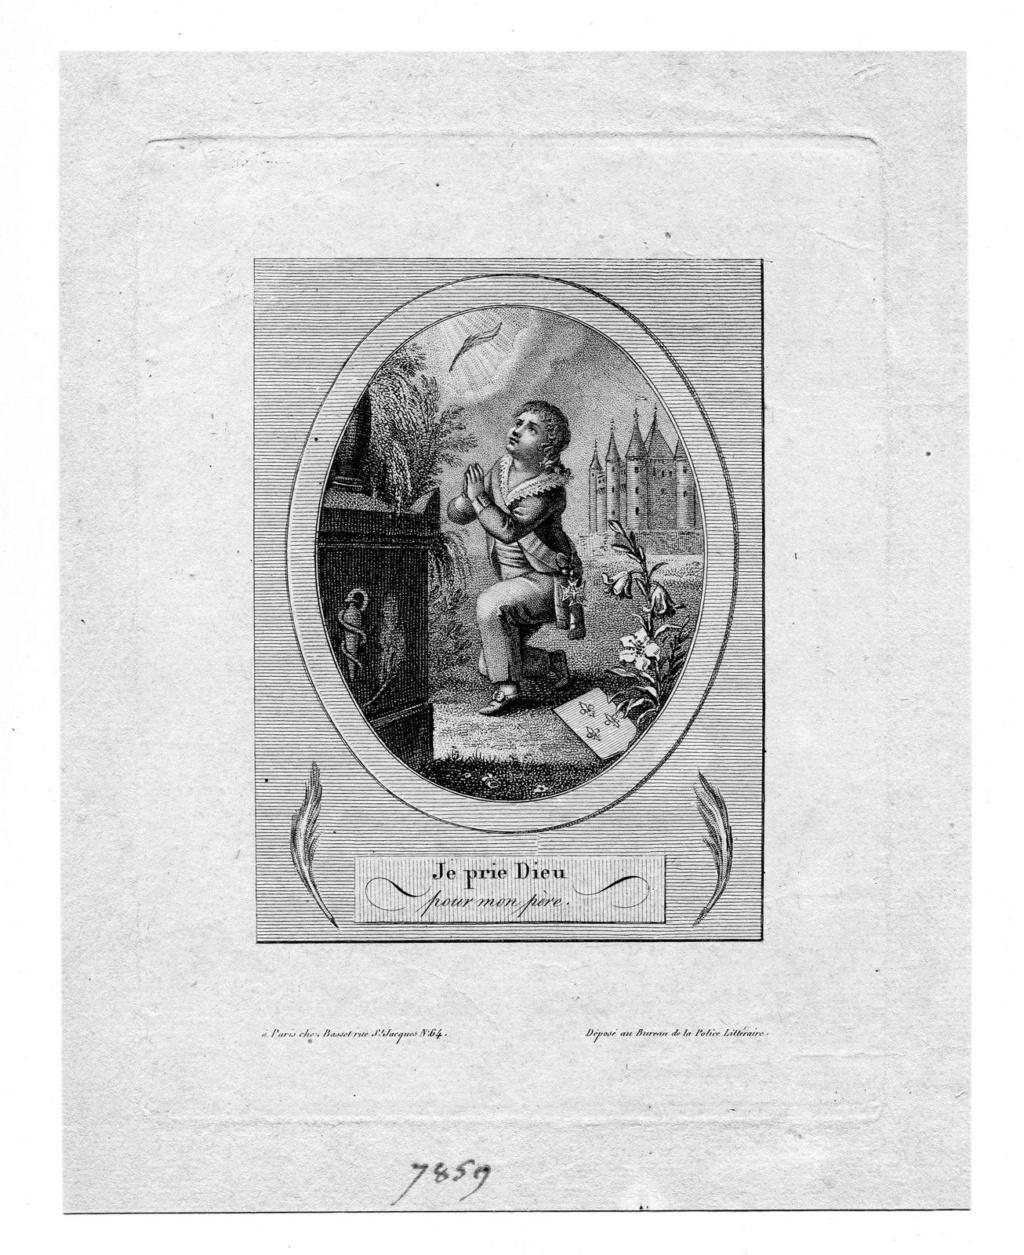 Les portraits de Louis XVII, prisonnier au Temple - Page 3 S-l16021